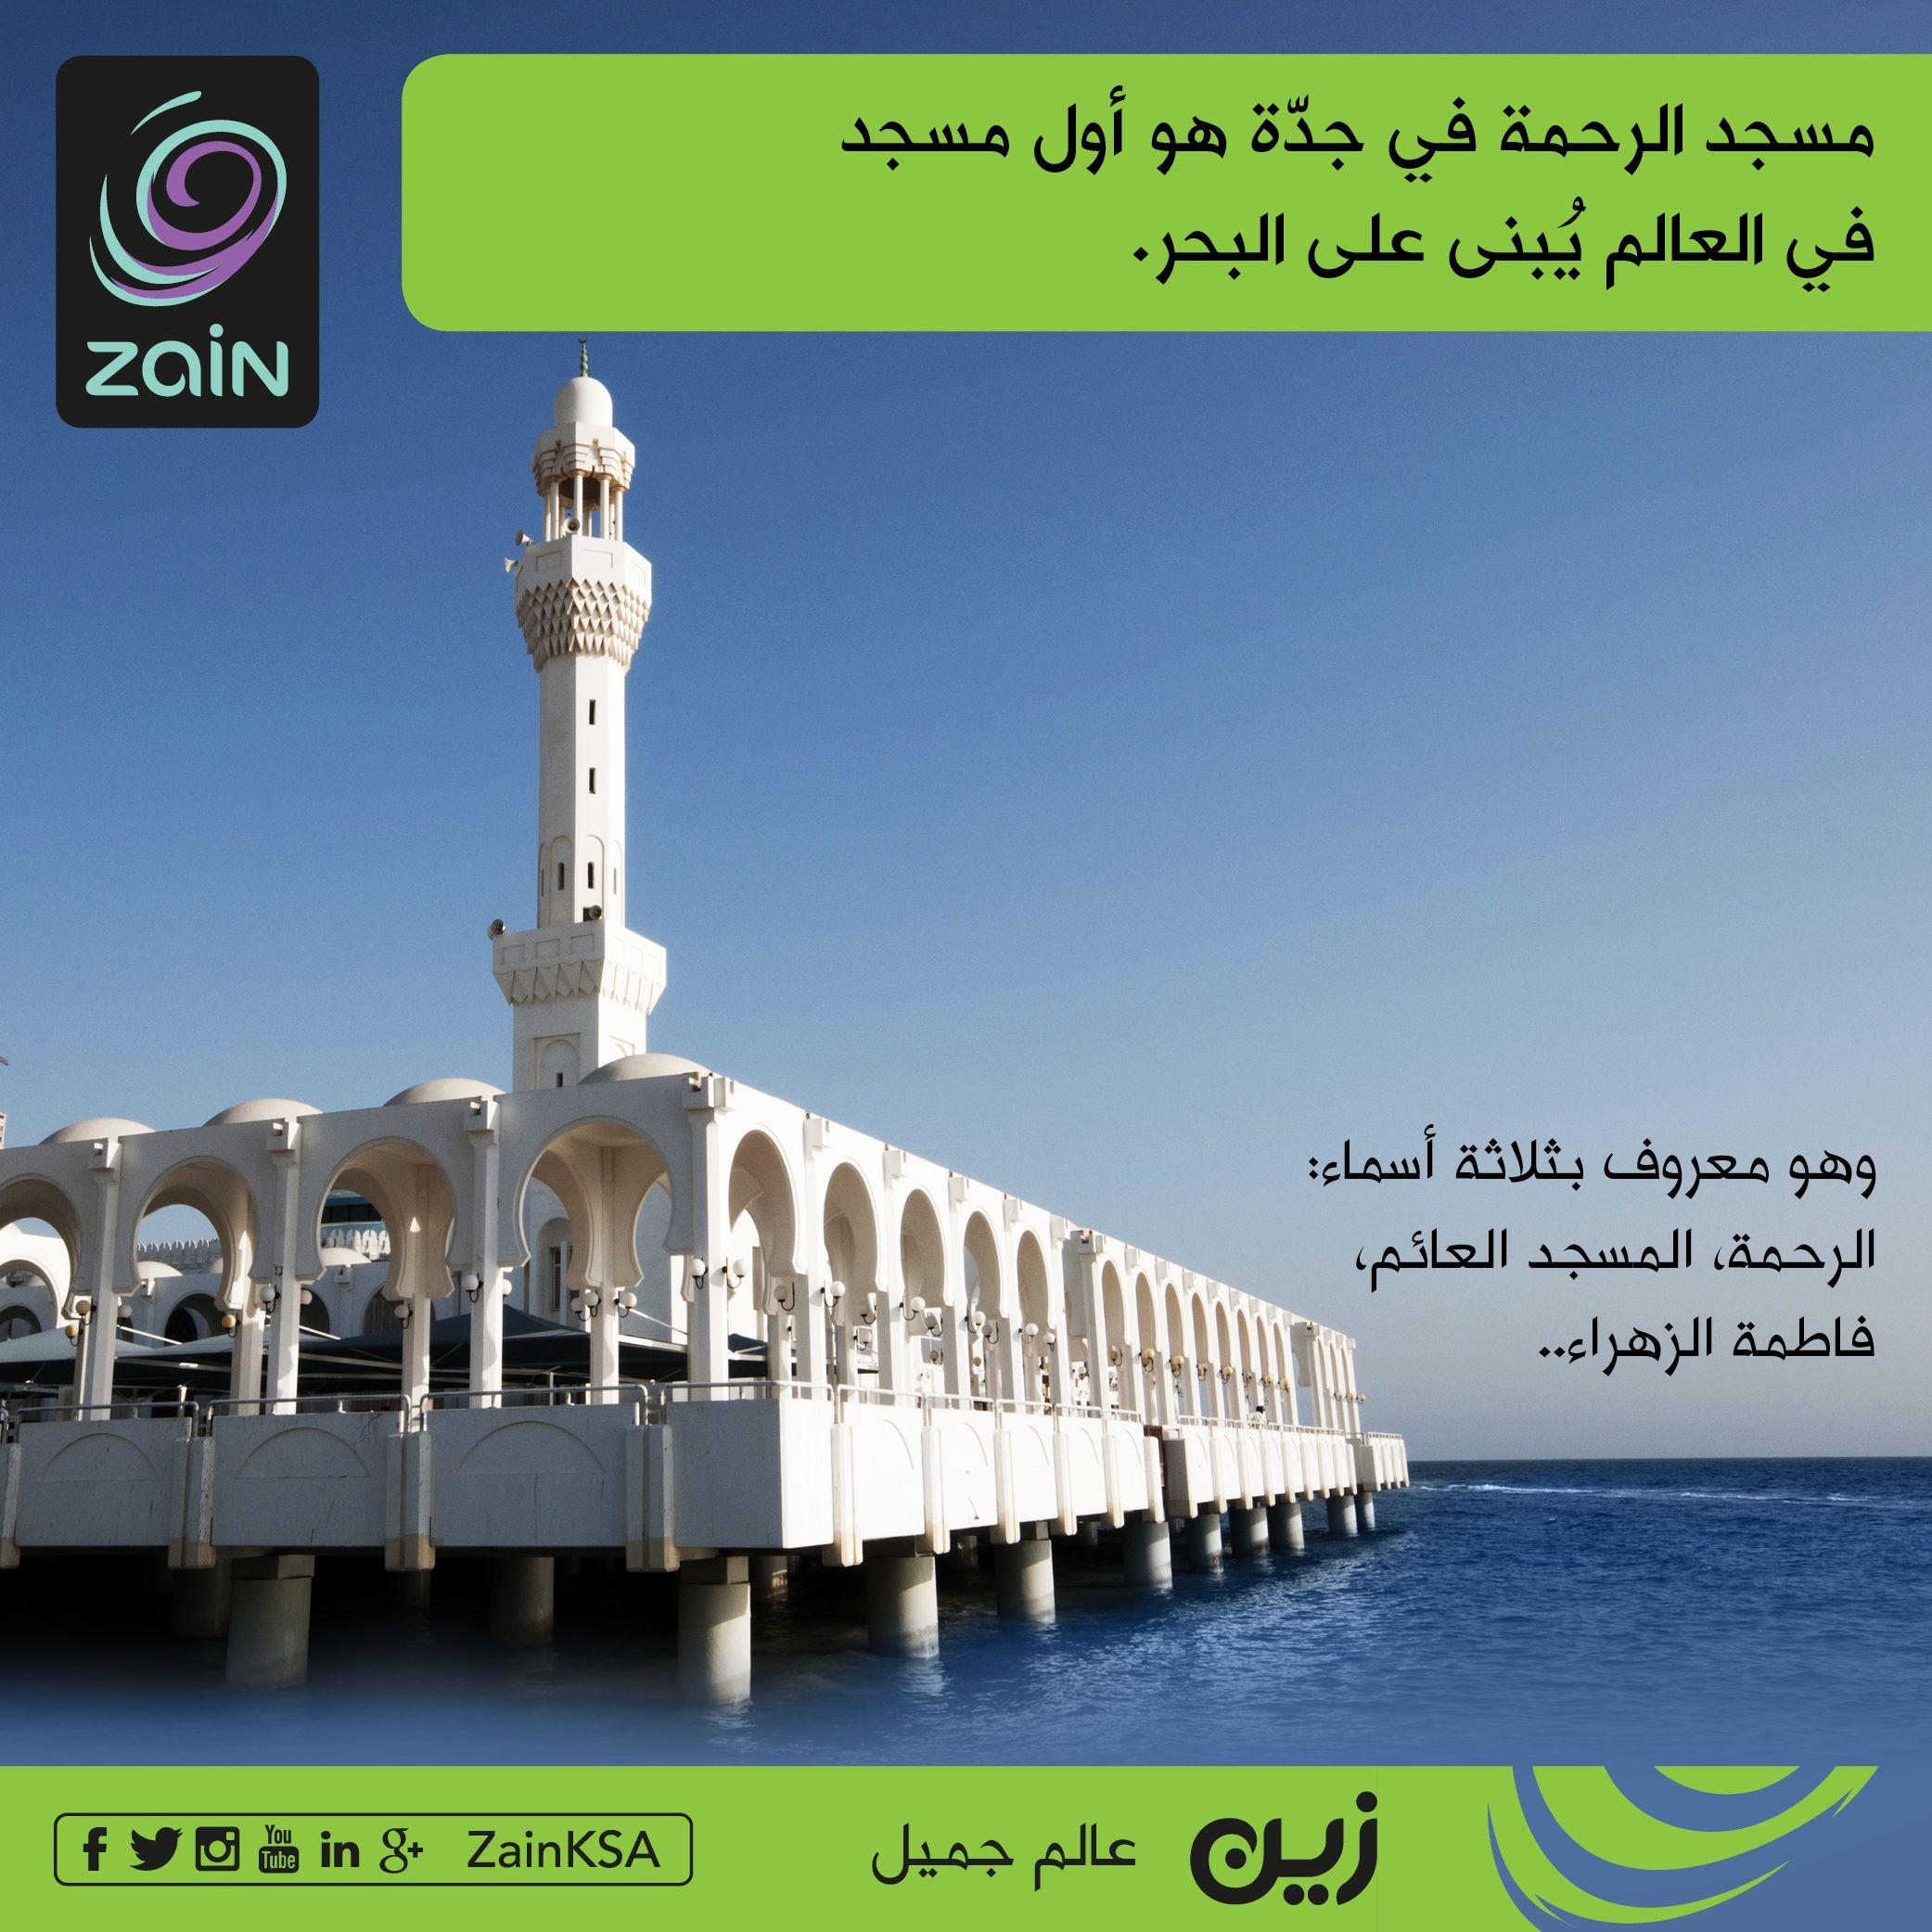 مسجد الرحمة في جدة هو أول مسجد في العالم ي بنى على البحر زين السعودية مساجد من وطني Wind Turbine Mosque Turbine